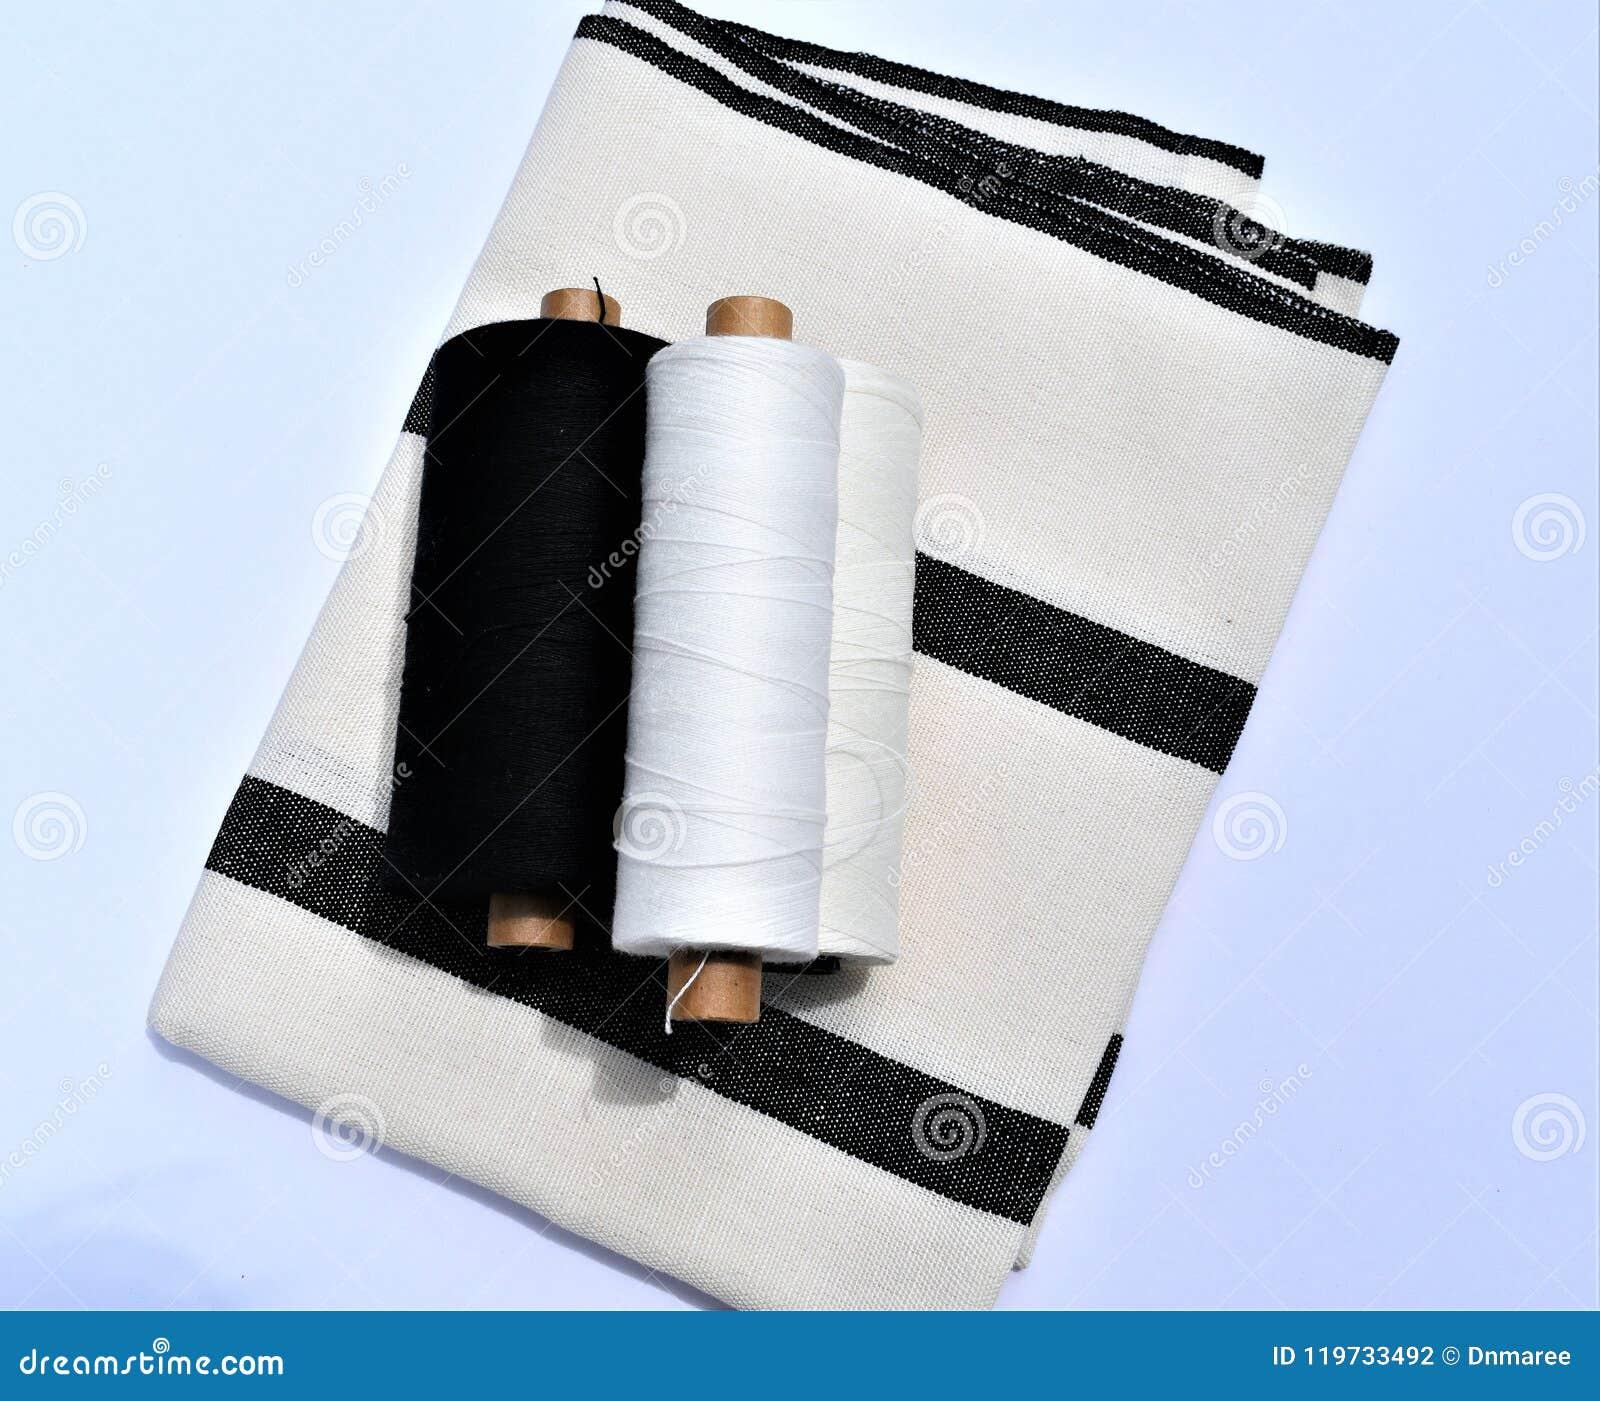 Handwoven bawełny i pościeli ręcznik z przędzami używać robić ręcznikowi tkaniny